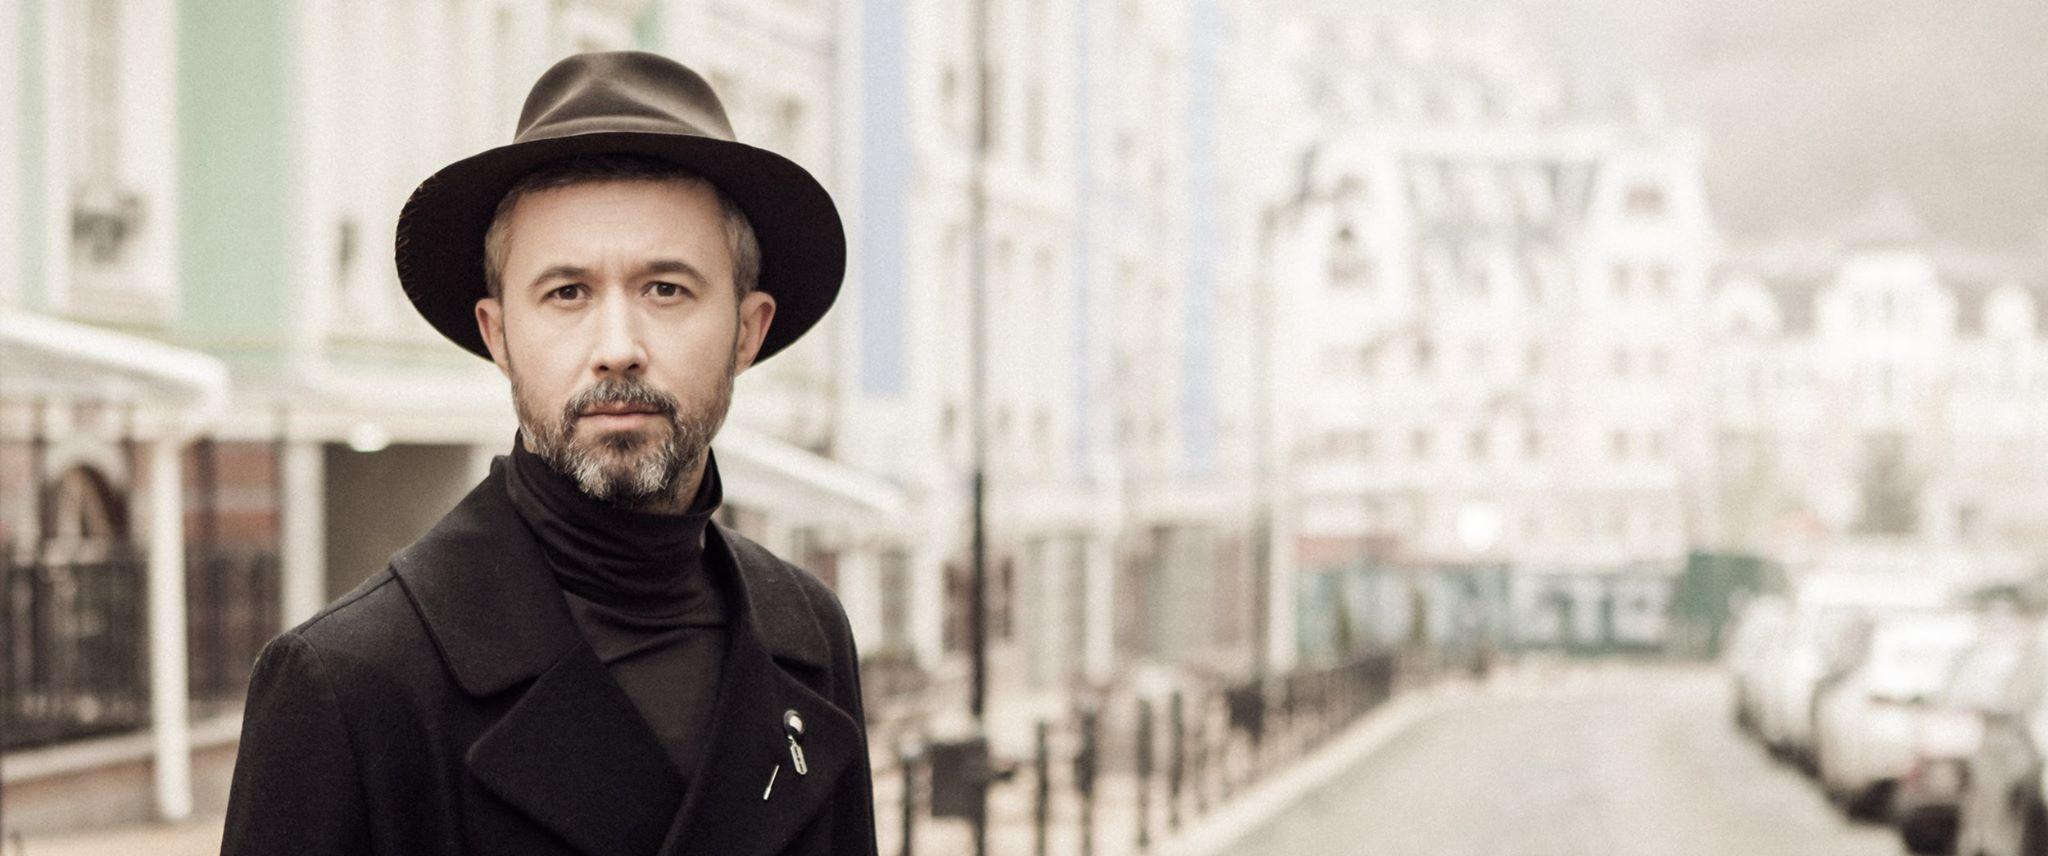 Отбор на 'Евровидение 2018' от Украины: Сергей Бабкин признался, почему участвует - фото 363091